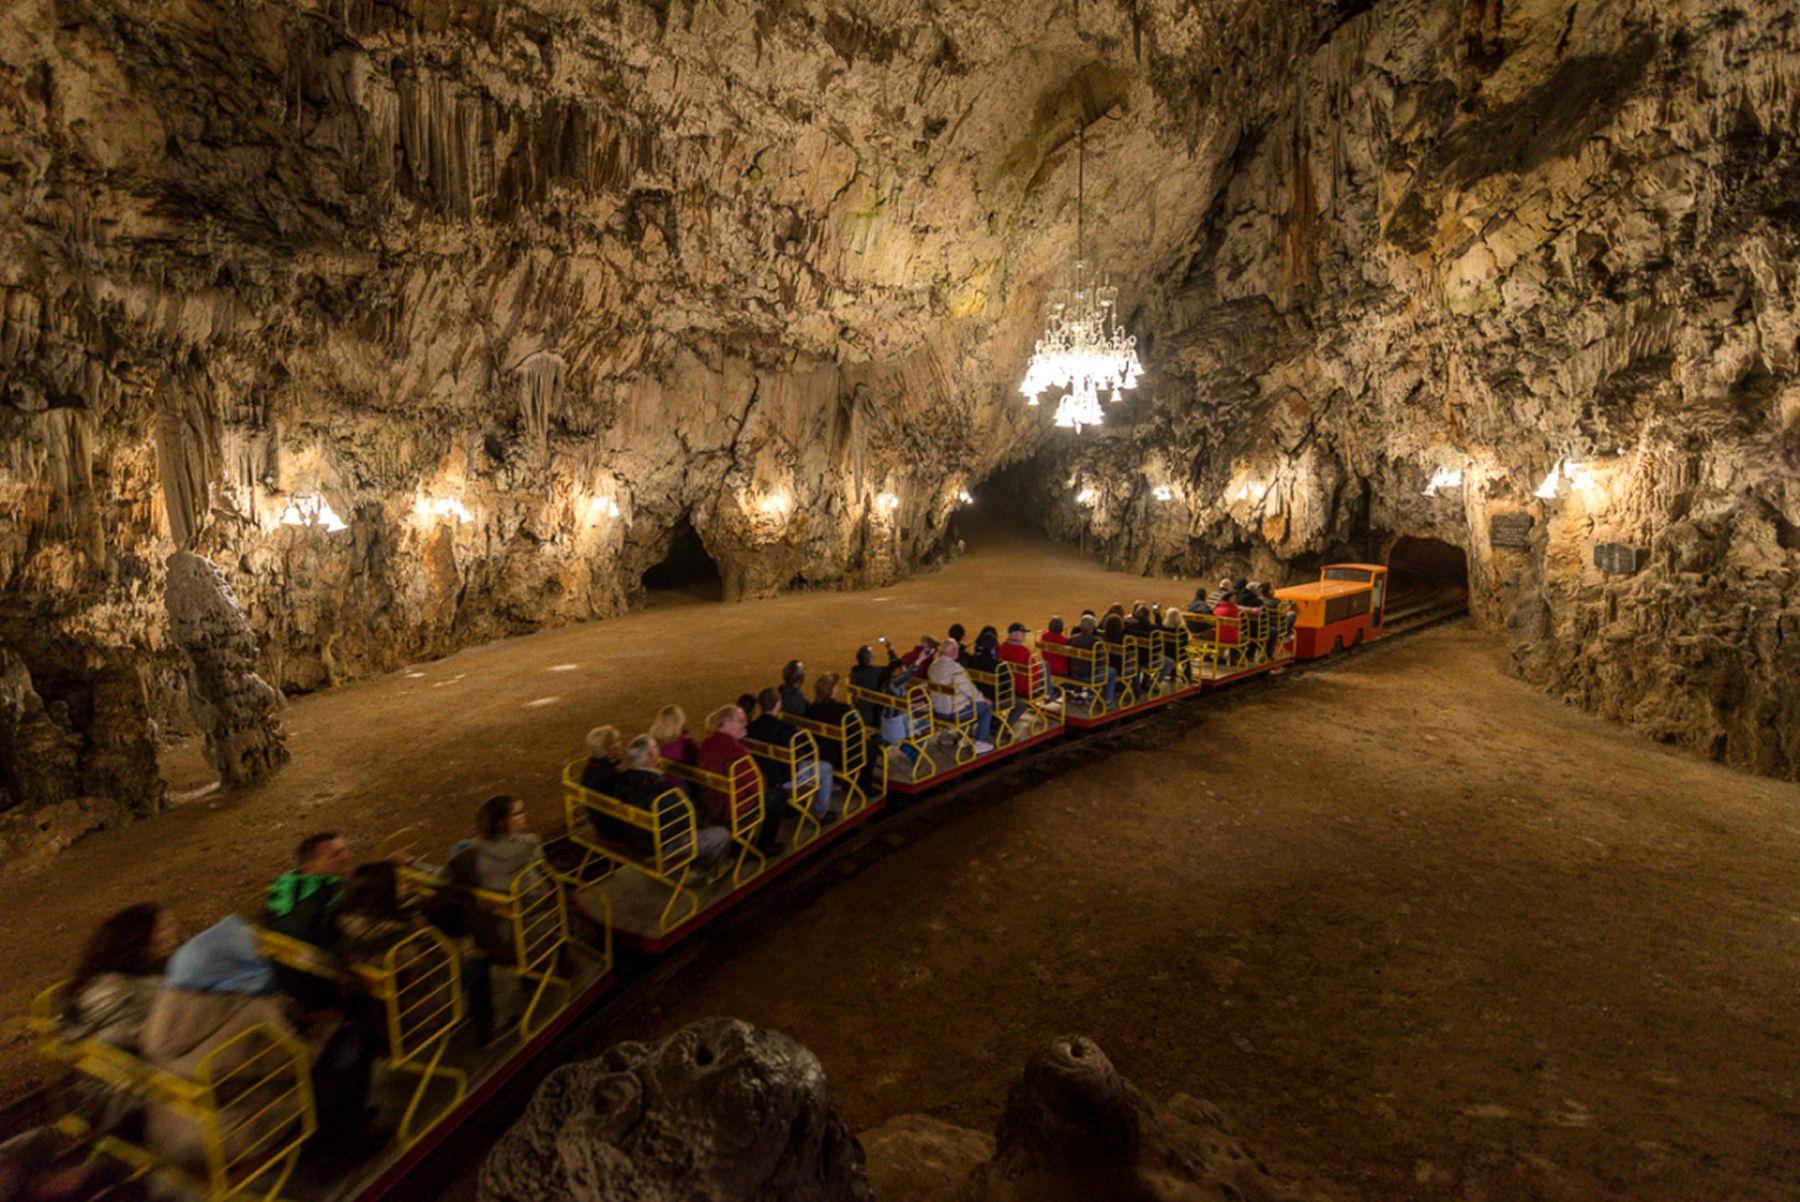 The electric tourist train in the Postojna Cave in Slovenia